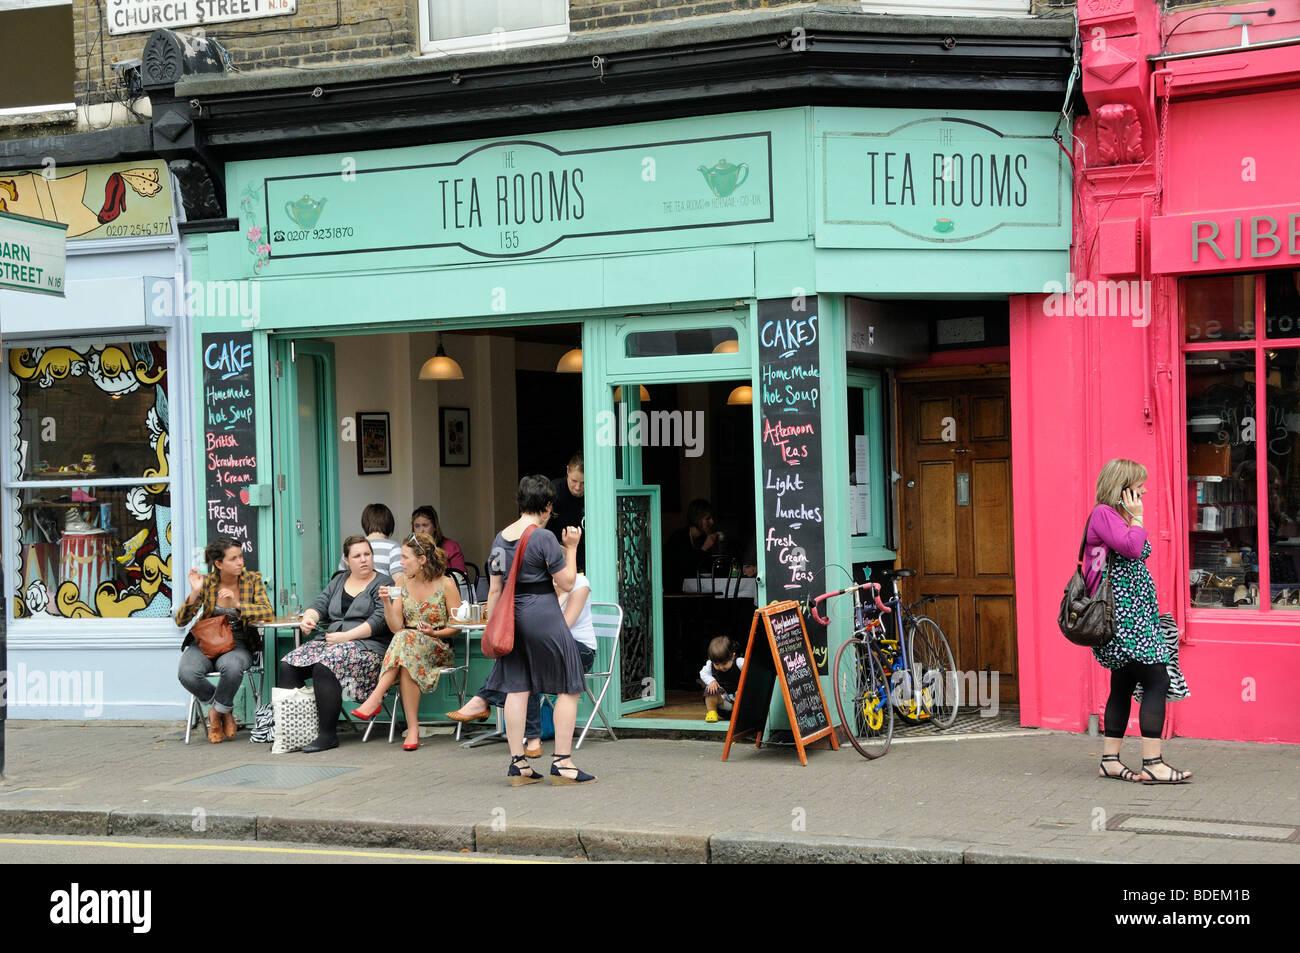 Hackney Tea Rooms